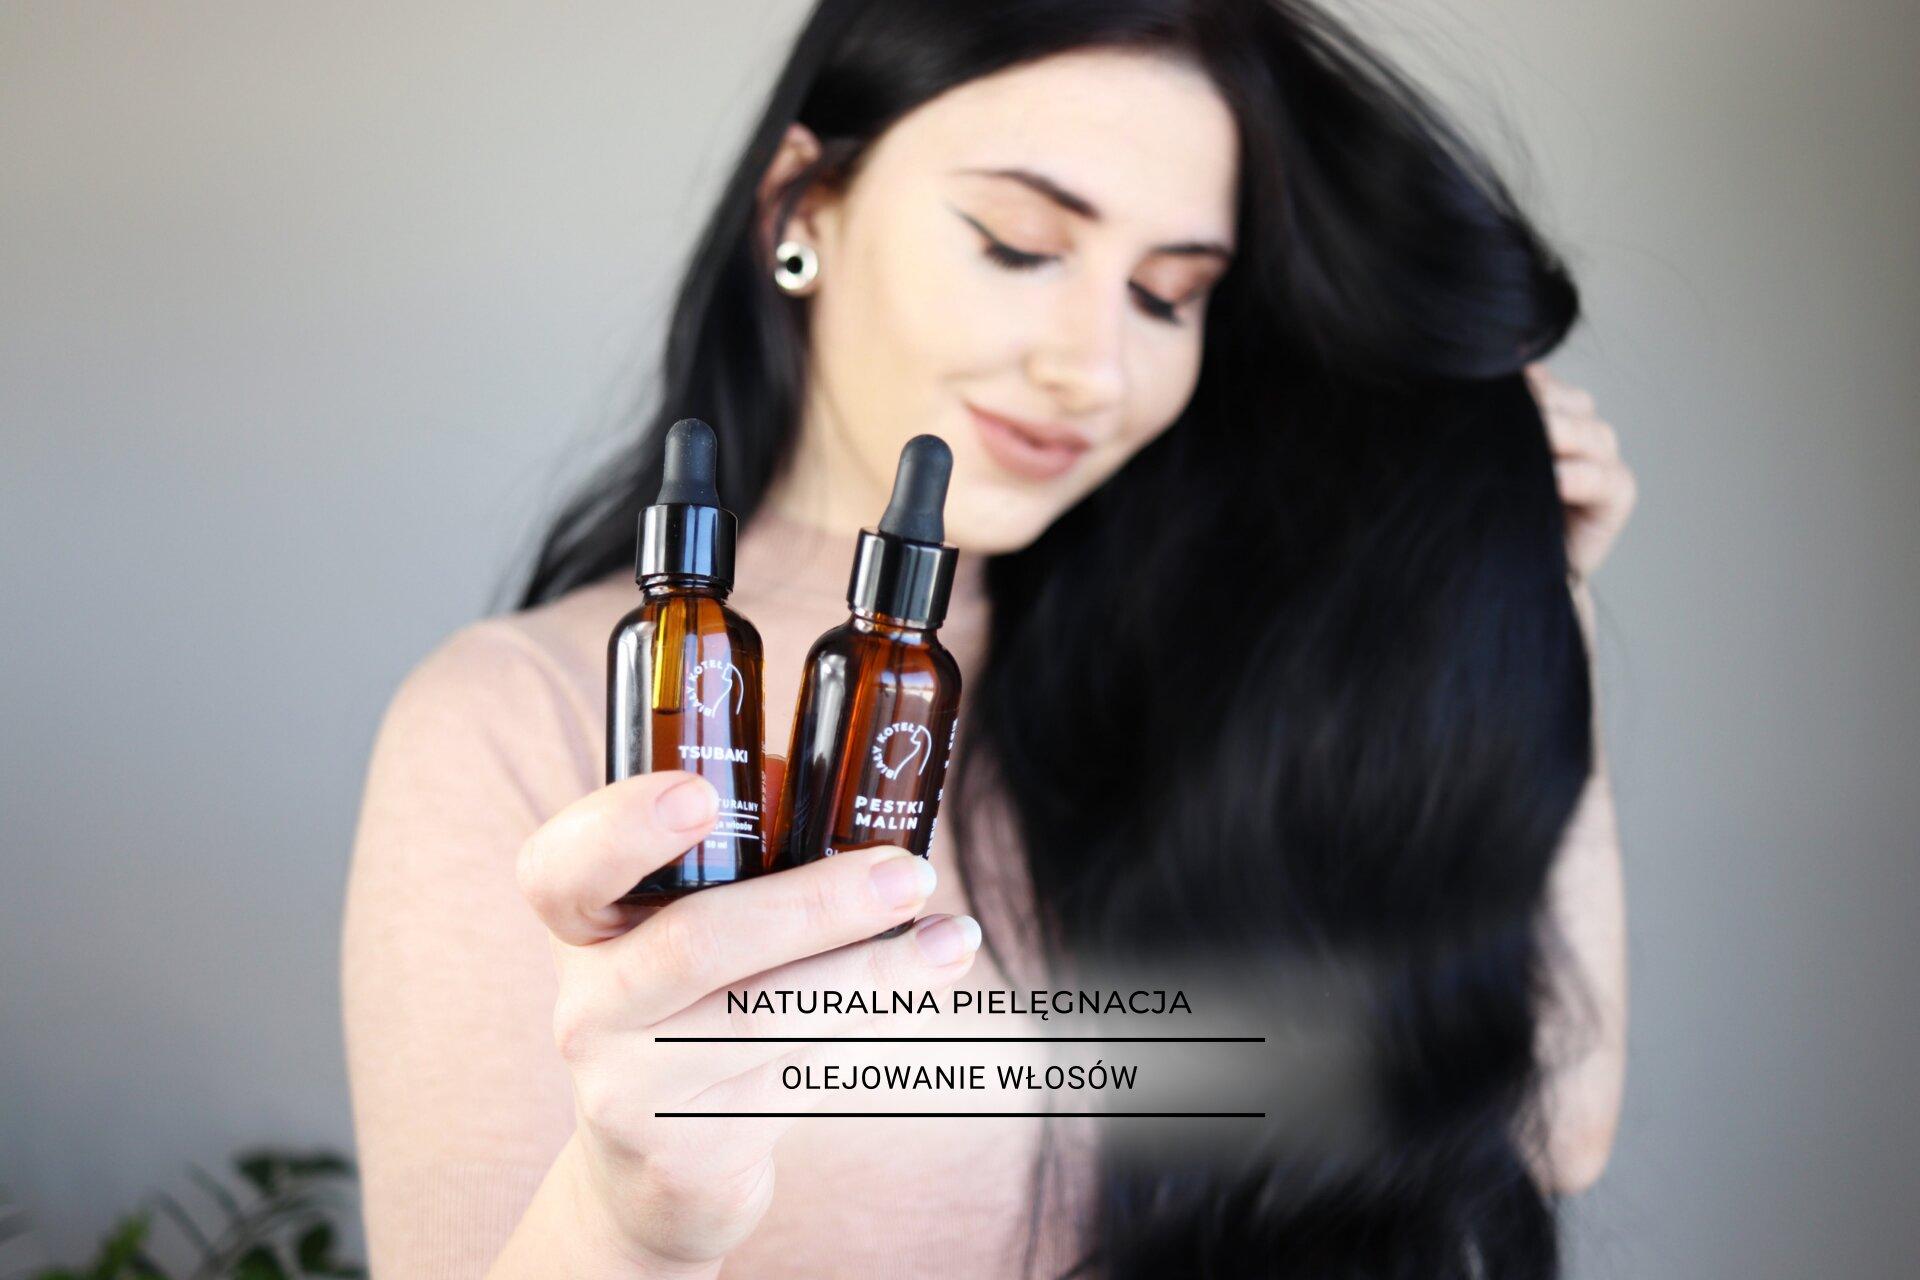 Olejowanie włosów i jego zalety 2